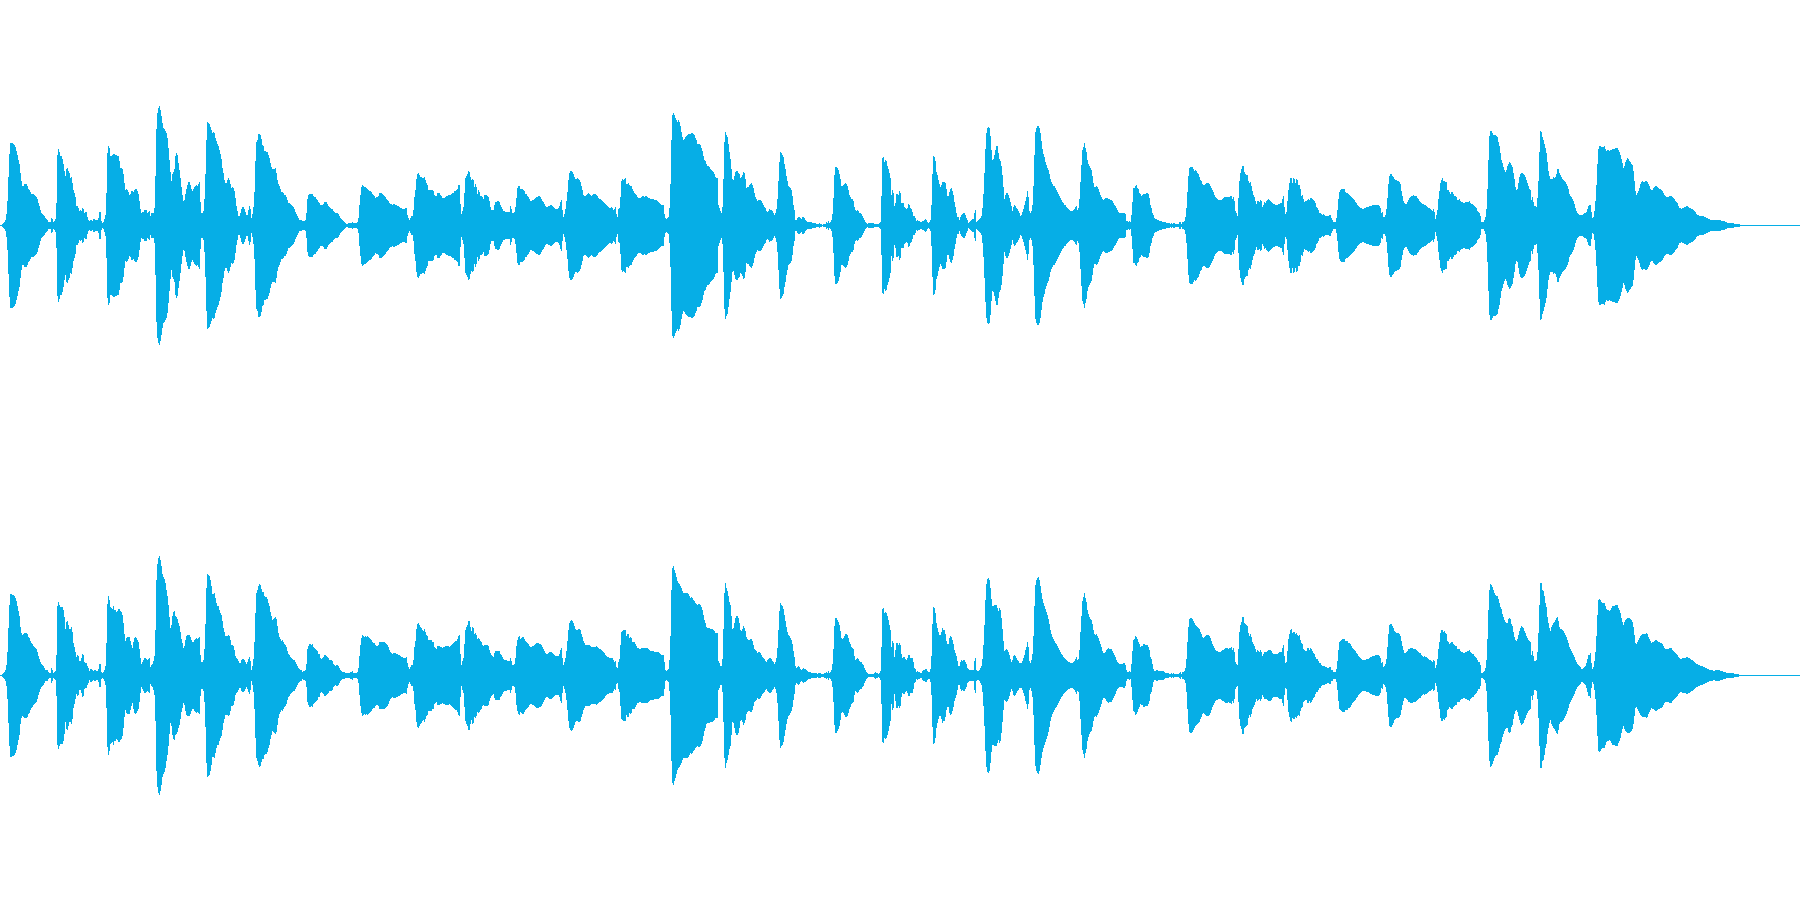 sax一本での切ないメロディーの再生済みの波形